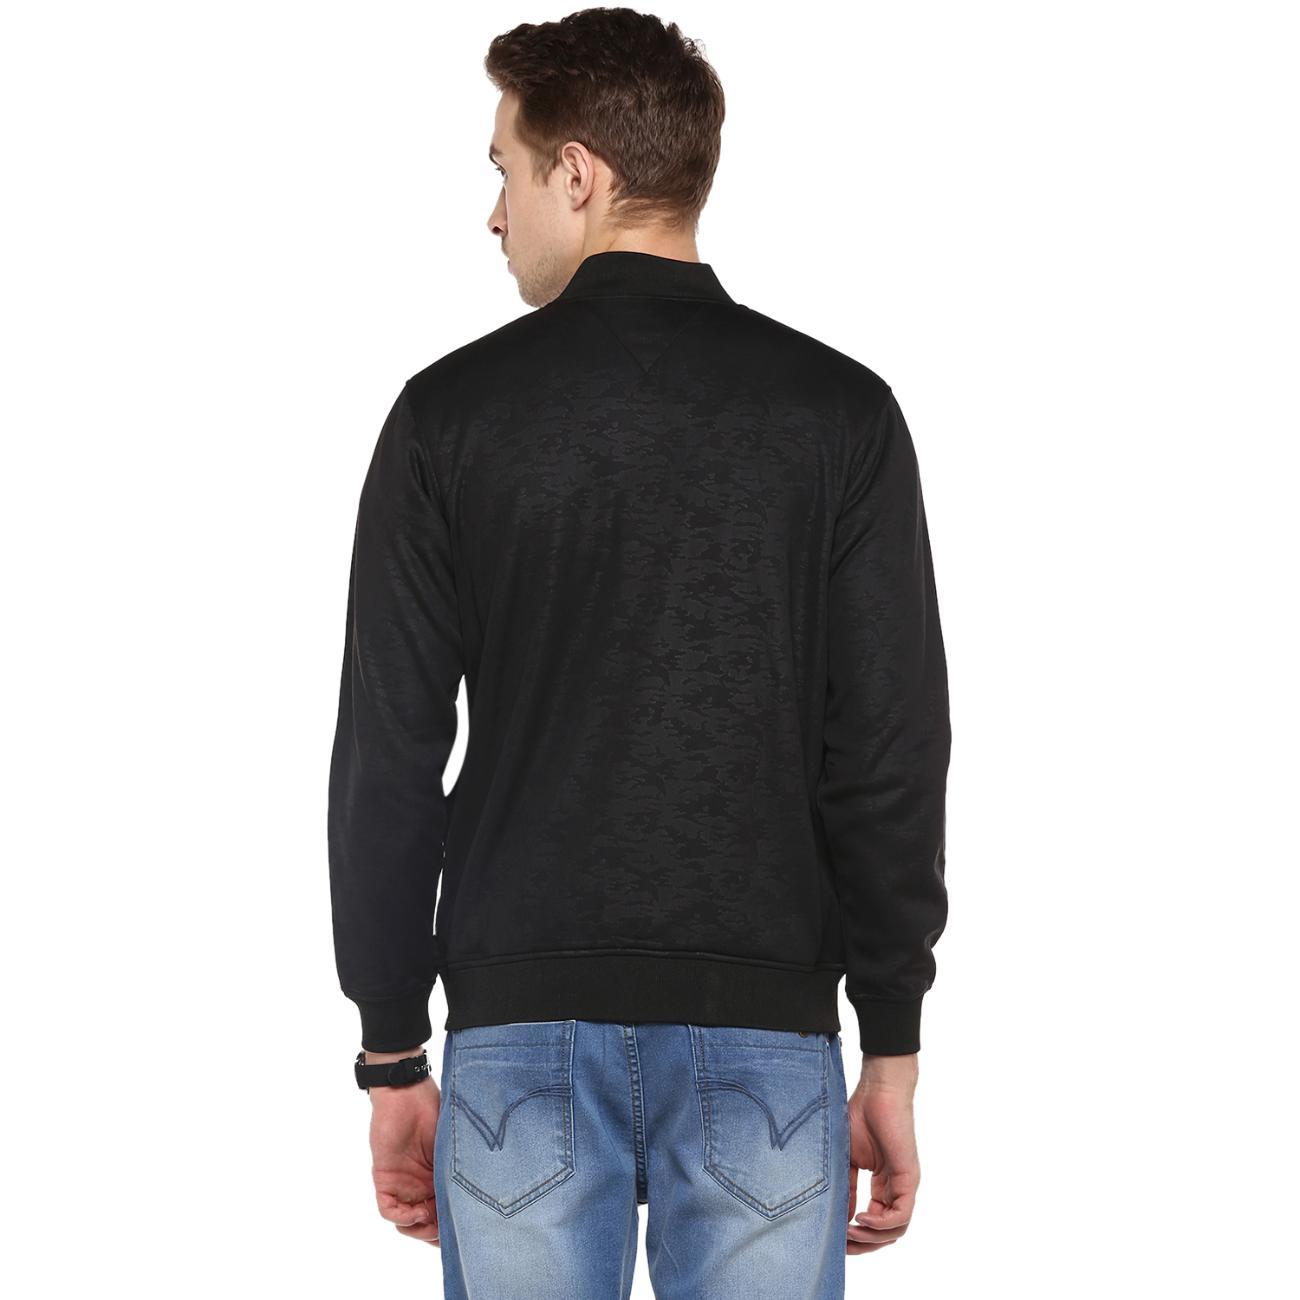 Buy Men's Black Front Zipper Bomber Jacket